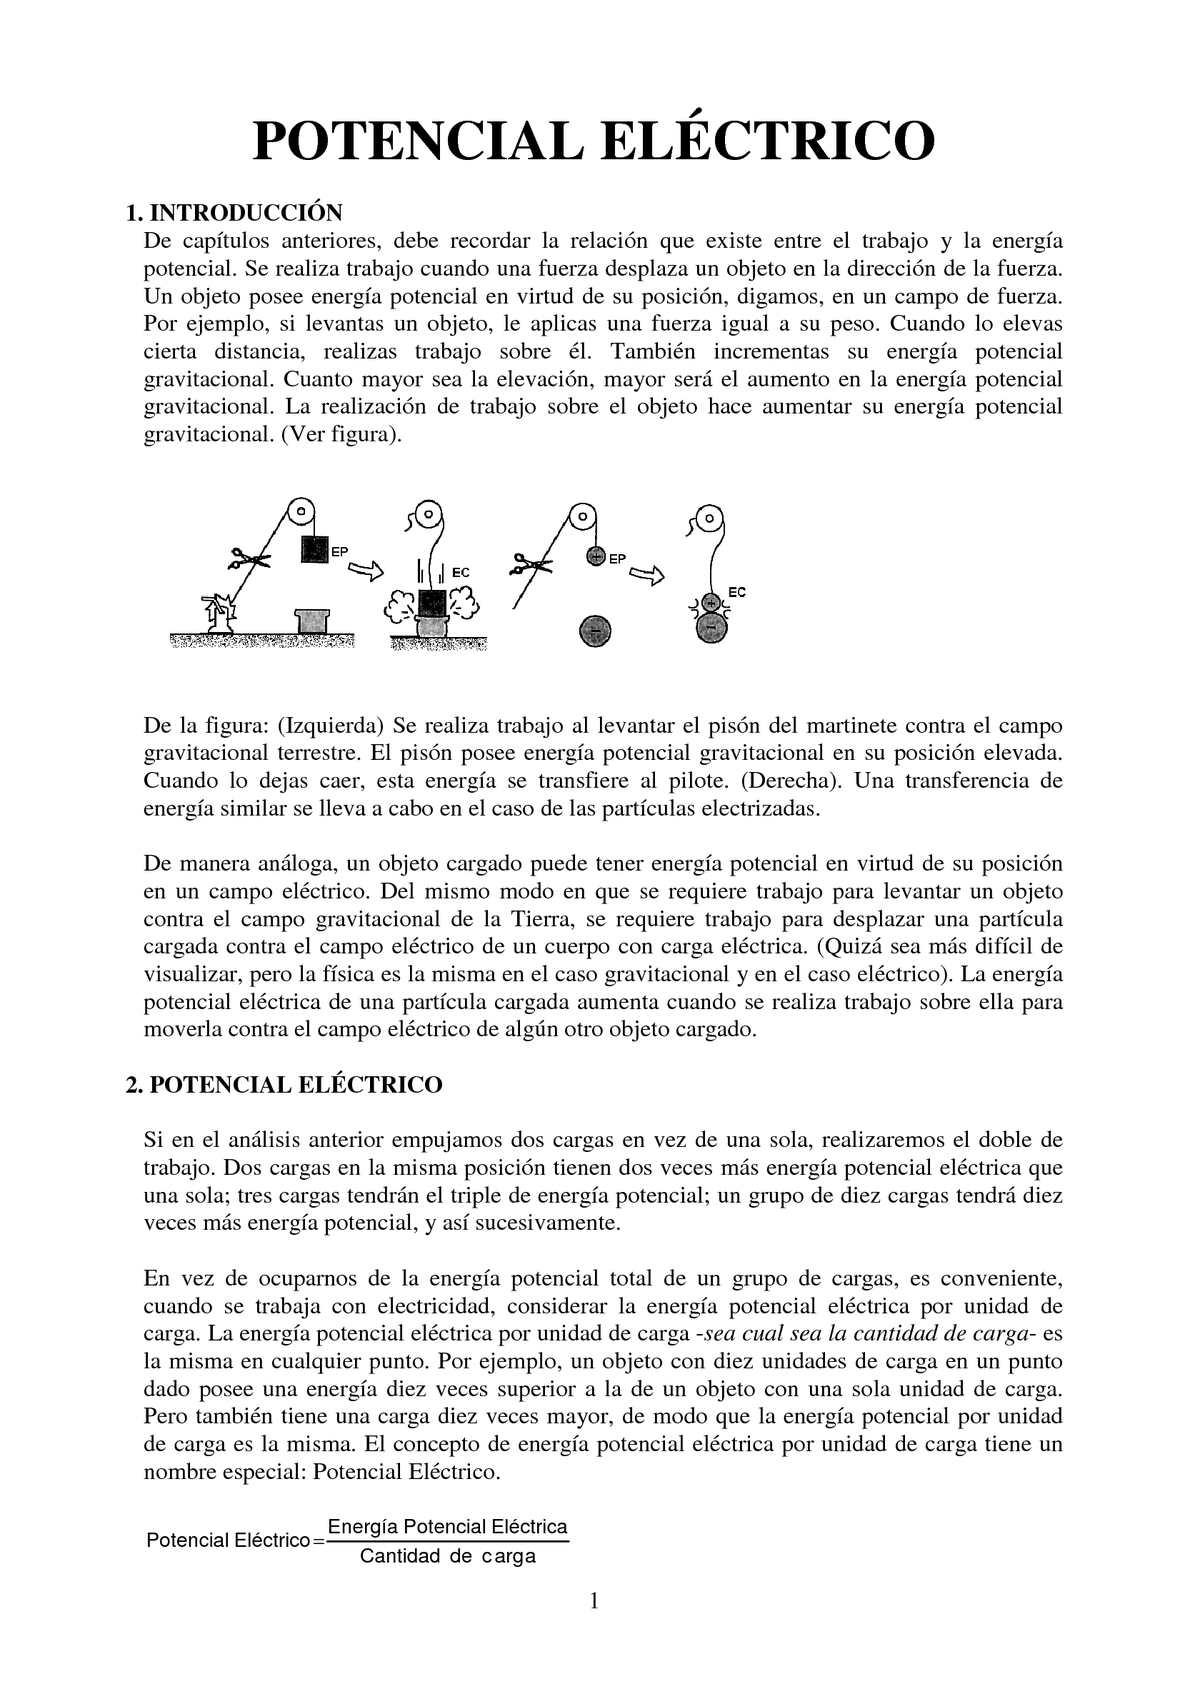 Calaméo - POTENCIAL ELÉCTRICO EN UN PUNTO DEL CAMPO